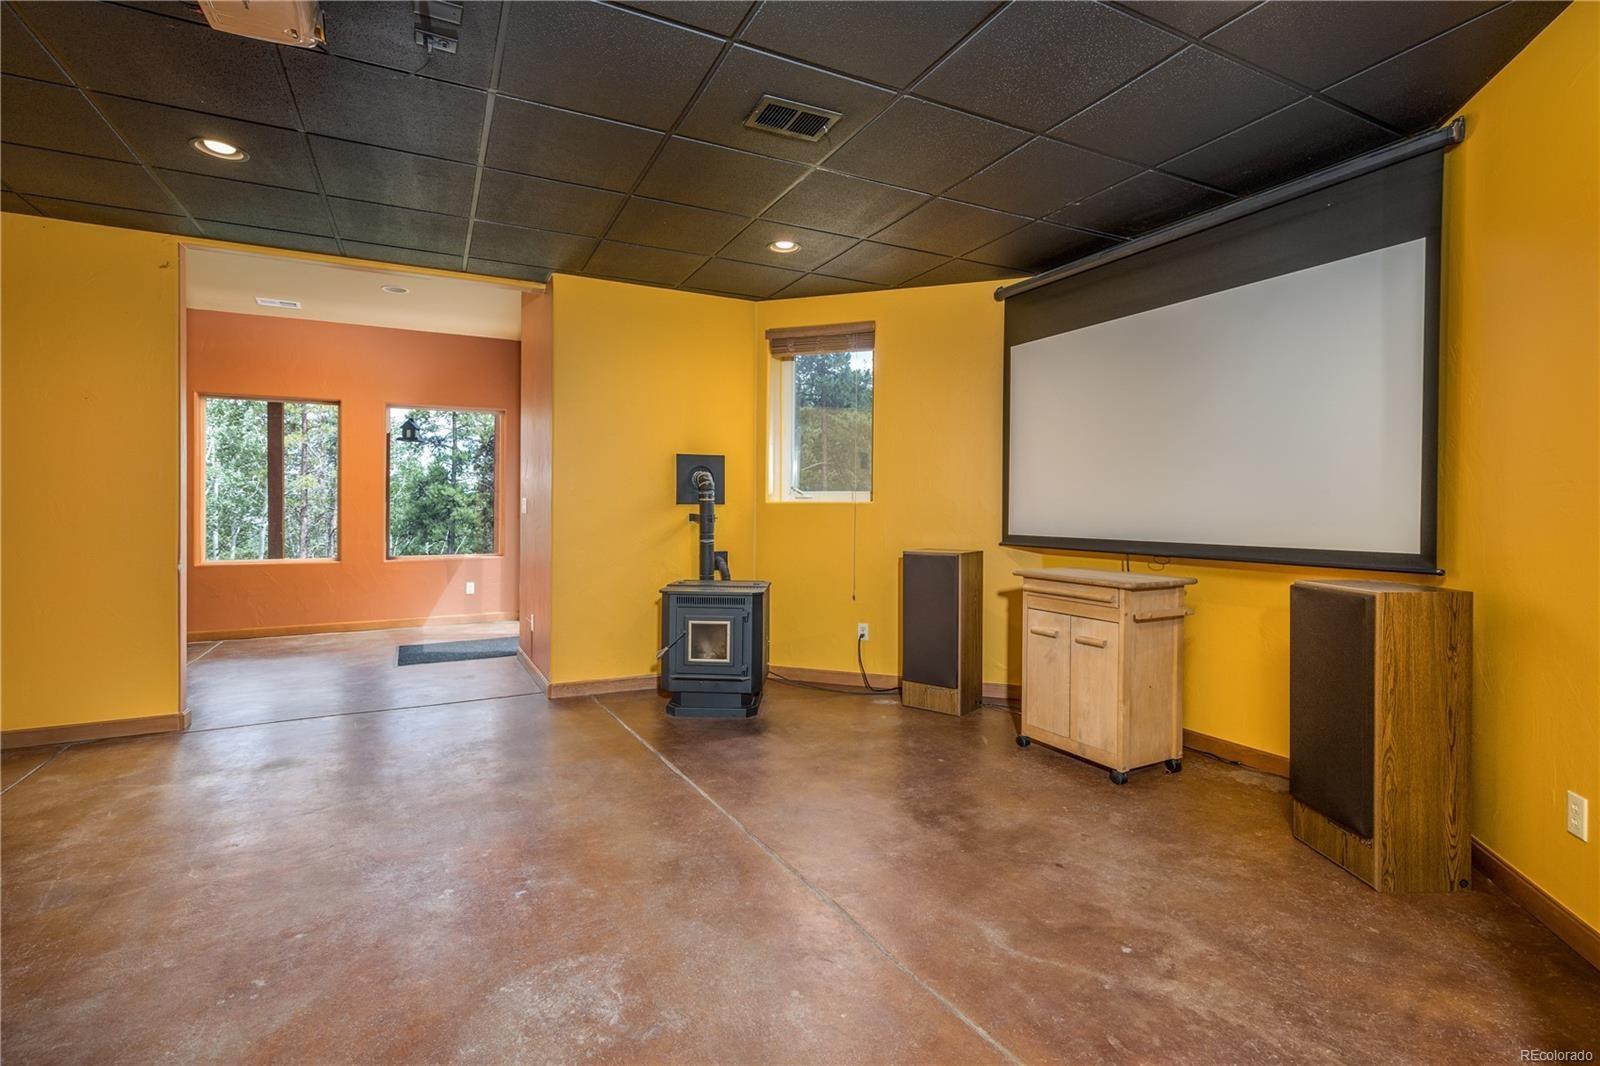 MLS# 2657267 - 22 - 11933 Coal Creek Heights Drive, Golden, CO 80403